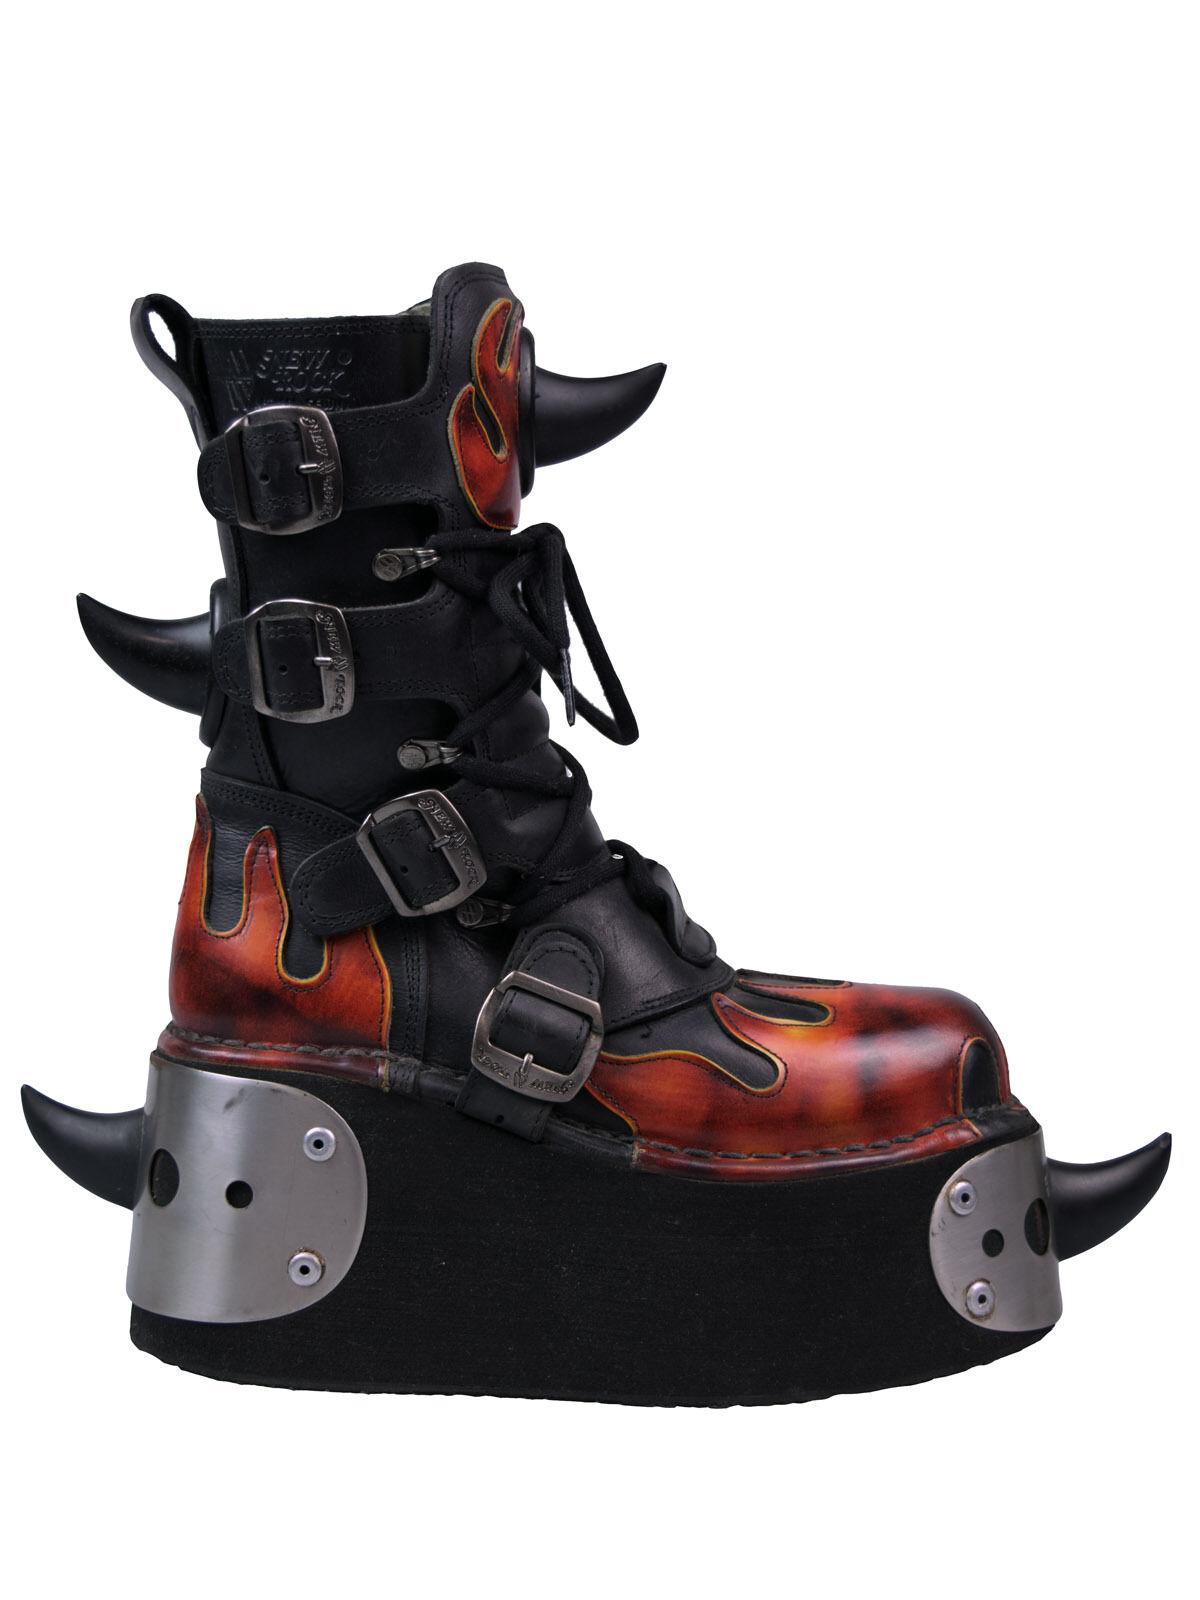 New Rock Stiefel     Stiefel 539 Plateau Flamme   Spikes   Hörner   Schnallen  5041   6cdc45